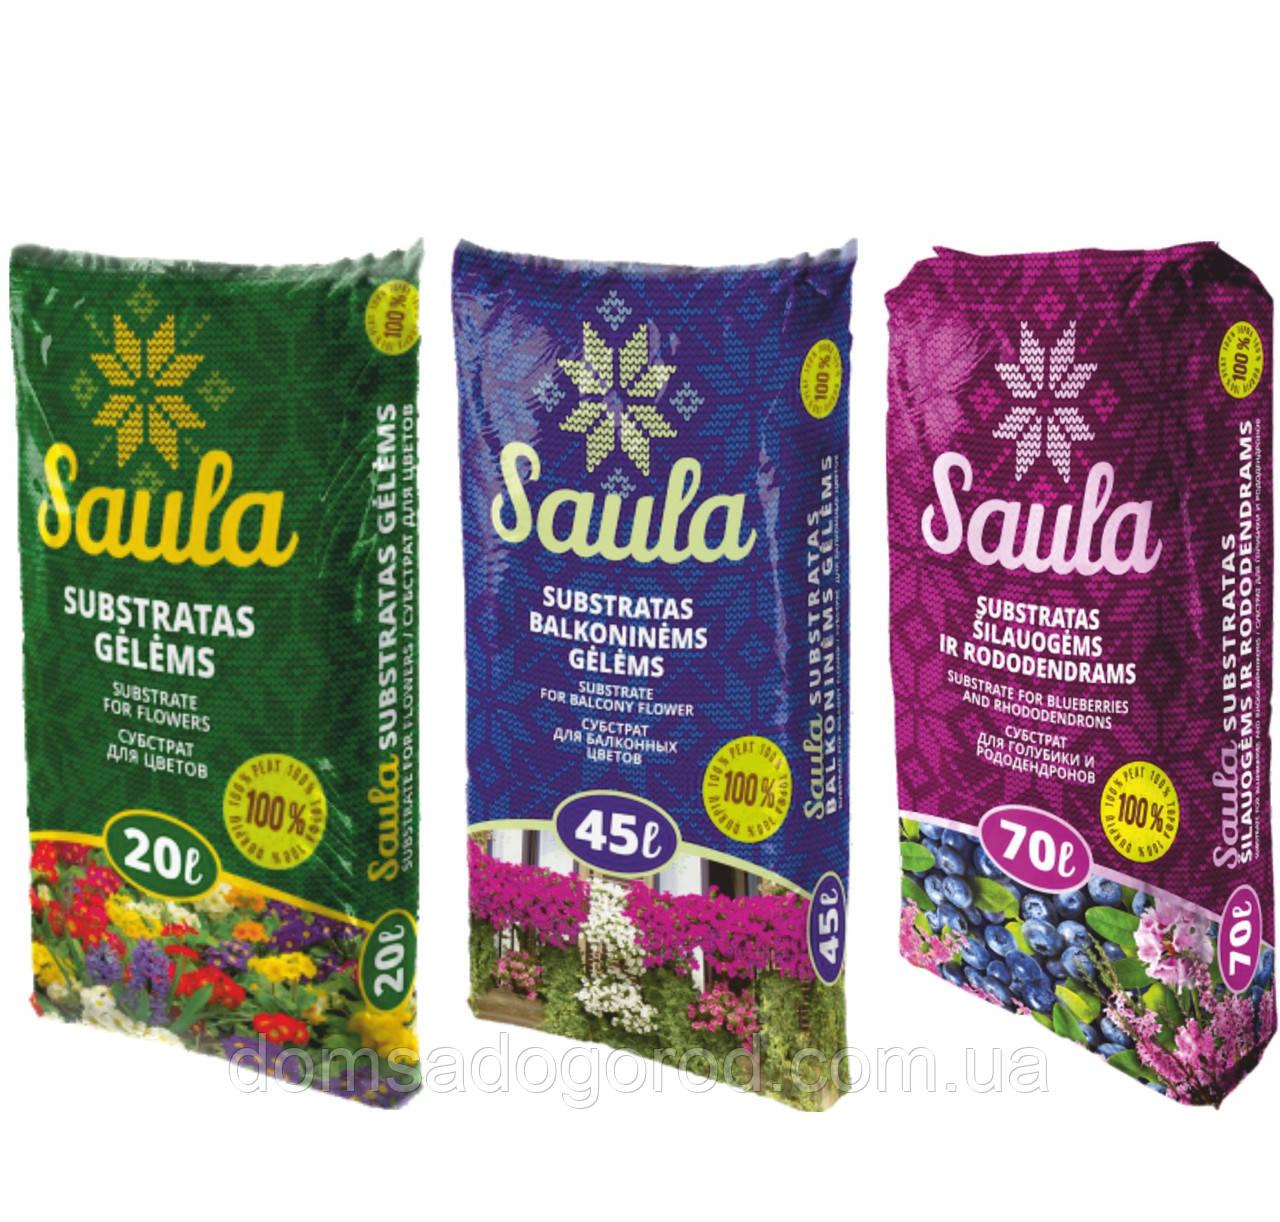 Торф'яної субстрат Saula для квітів 0-20 мм 20 л